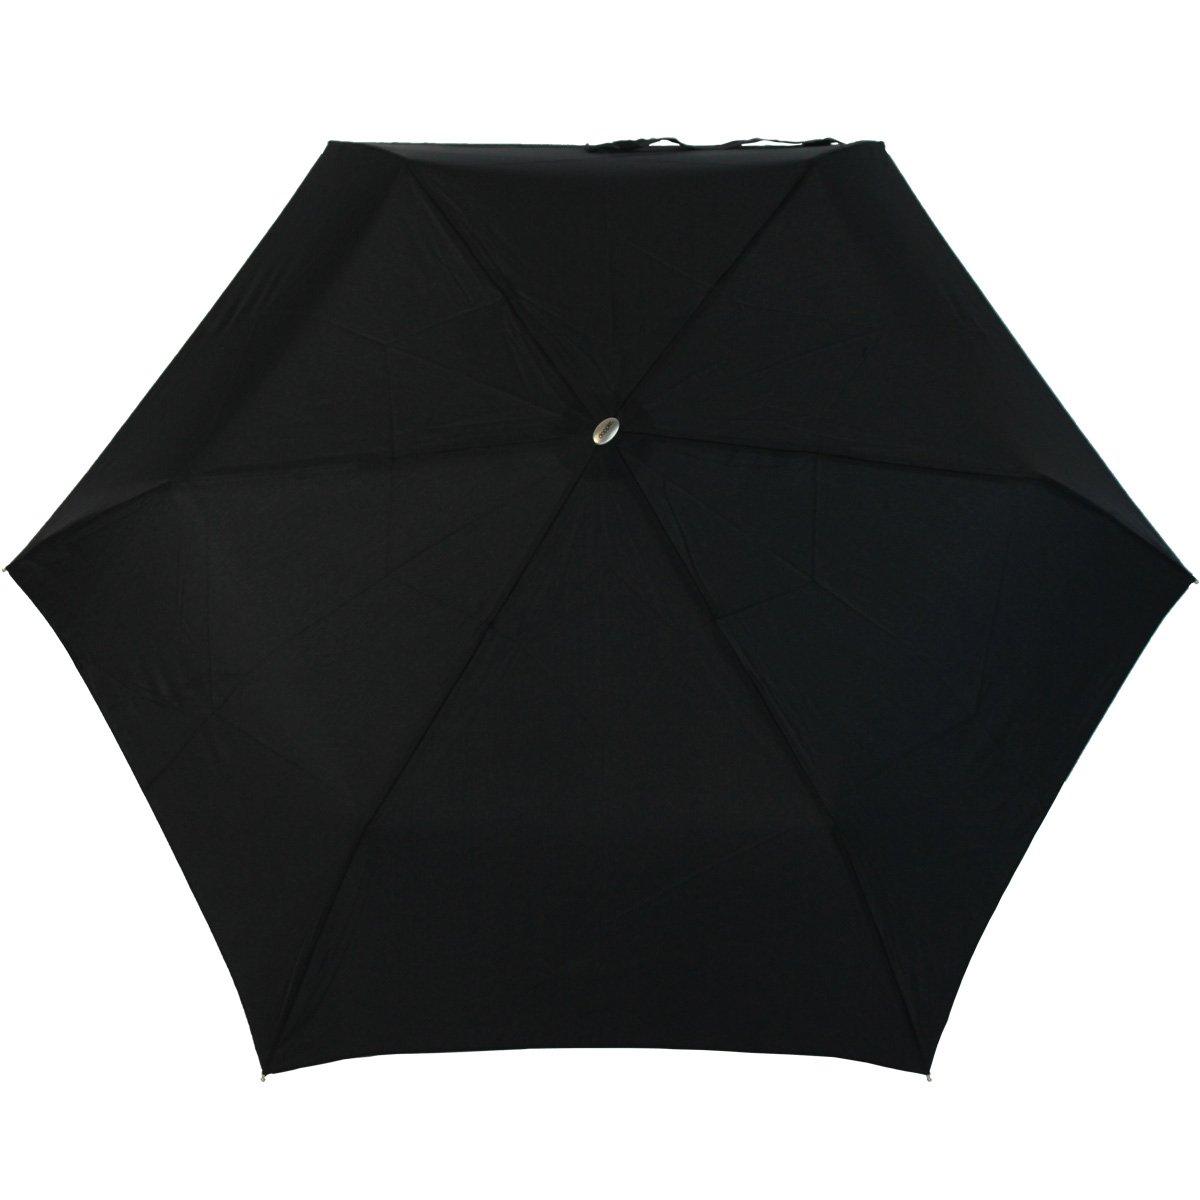 Paraguas plegable Doppler 5 años de garantía carbonsteel slim: Amazon.es: Equipaje